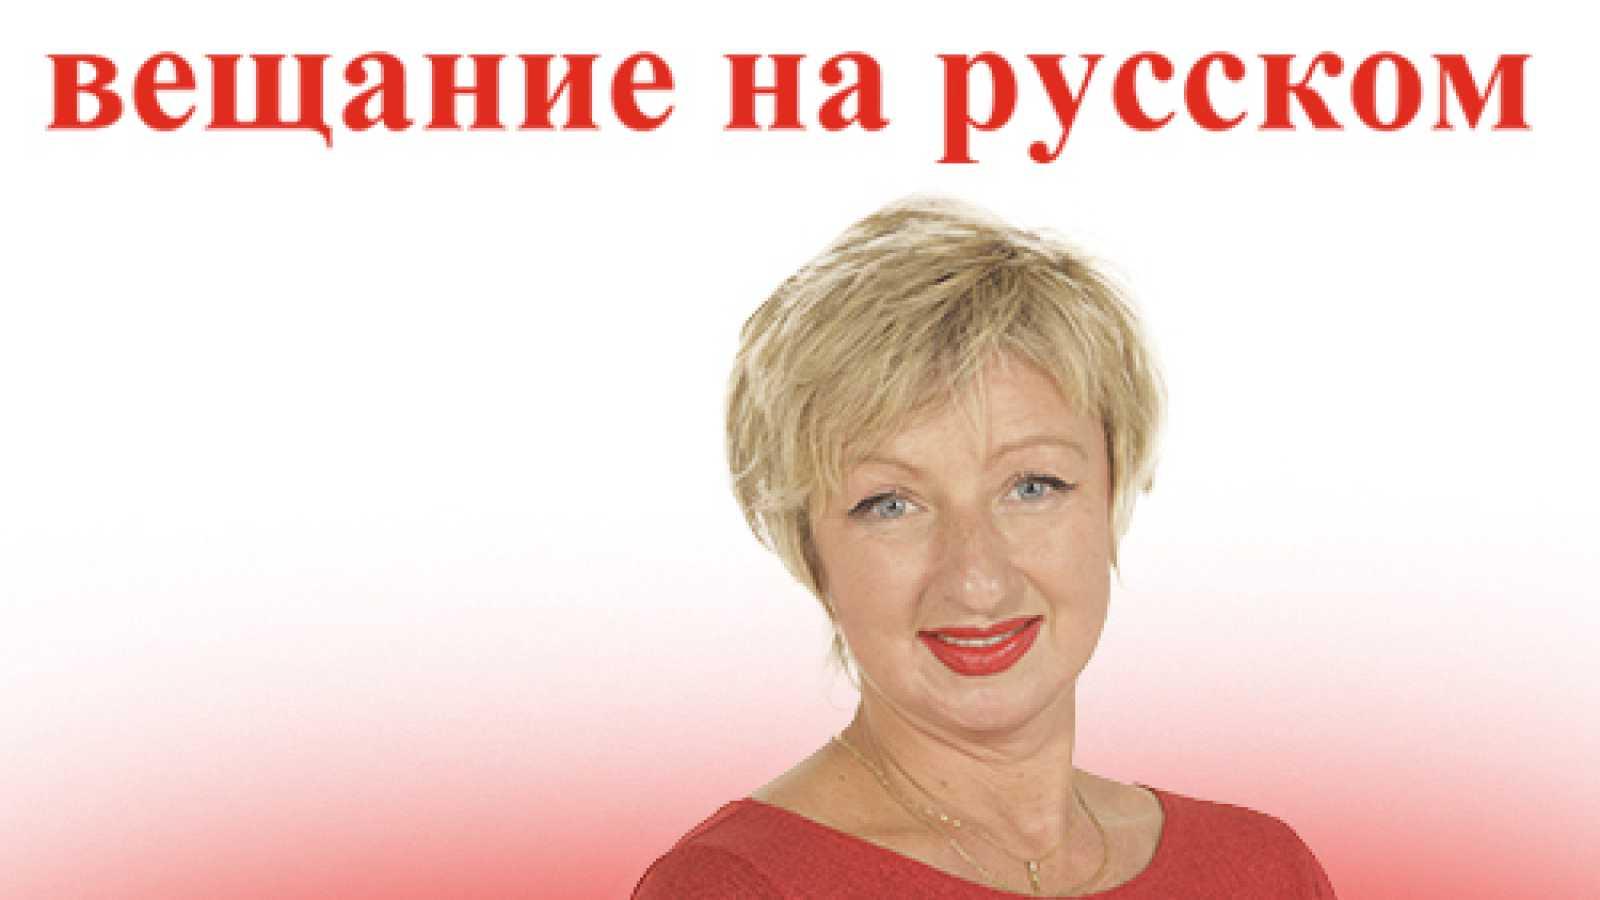 Emisión en ruso - Ispaniya otmechayet 90 let provozglasheniya II Respubliki - 14/04/21 - escuchar ahora